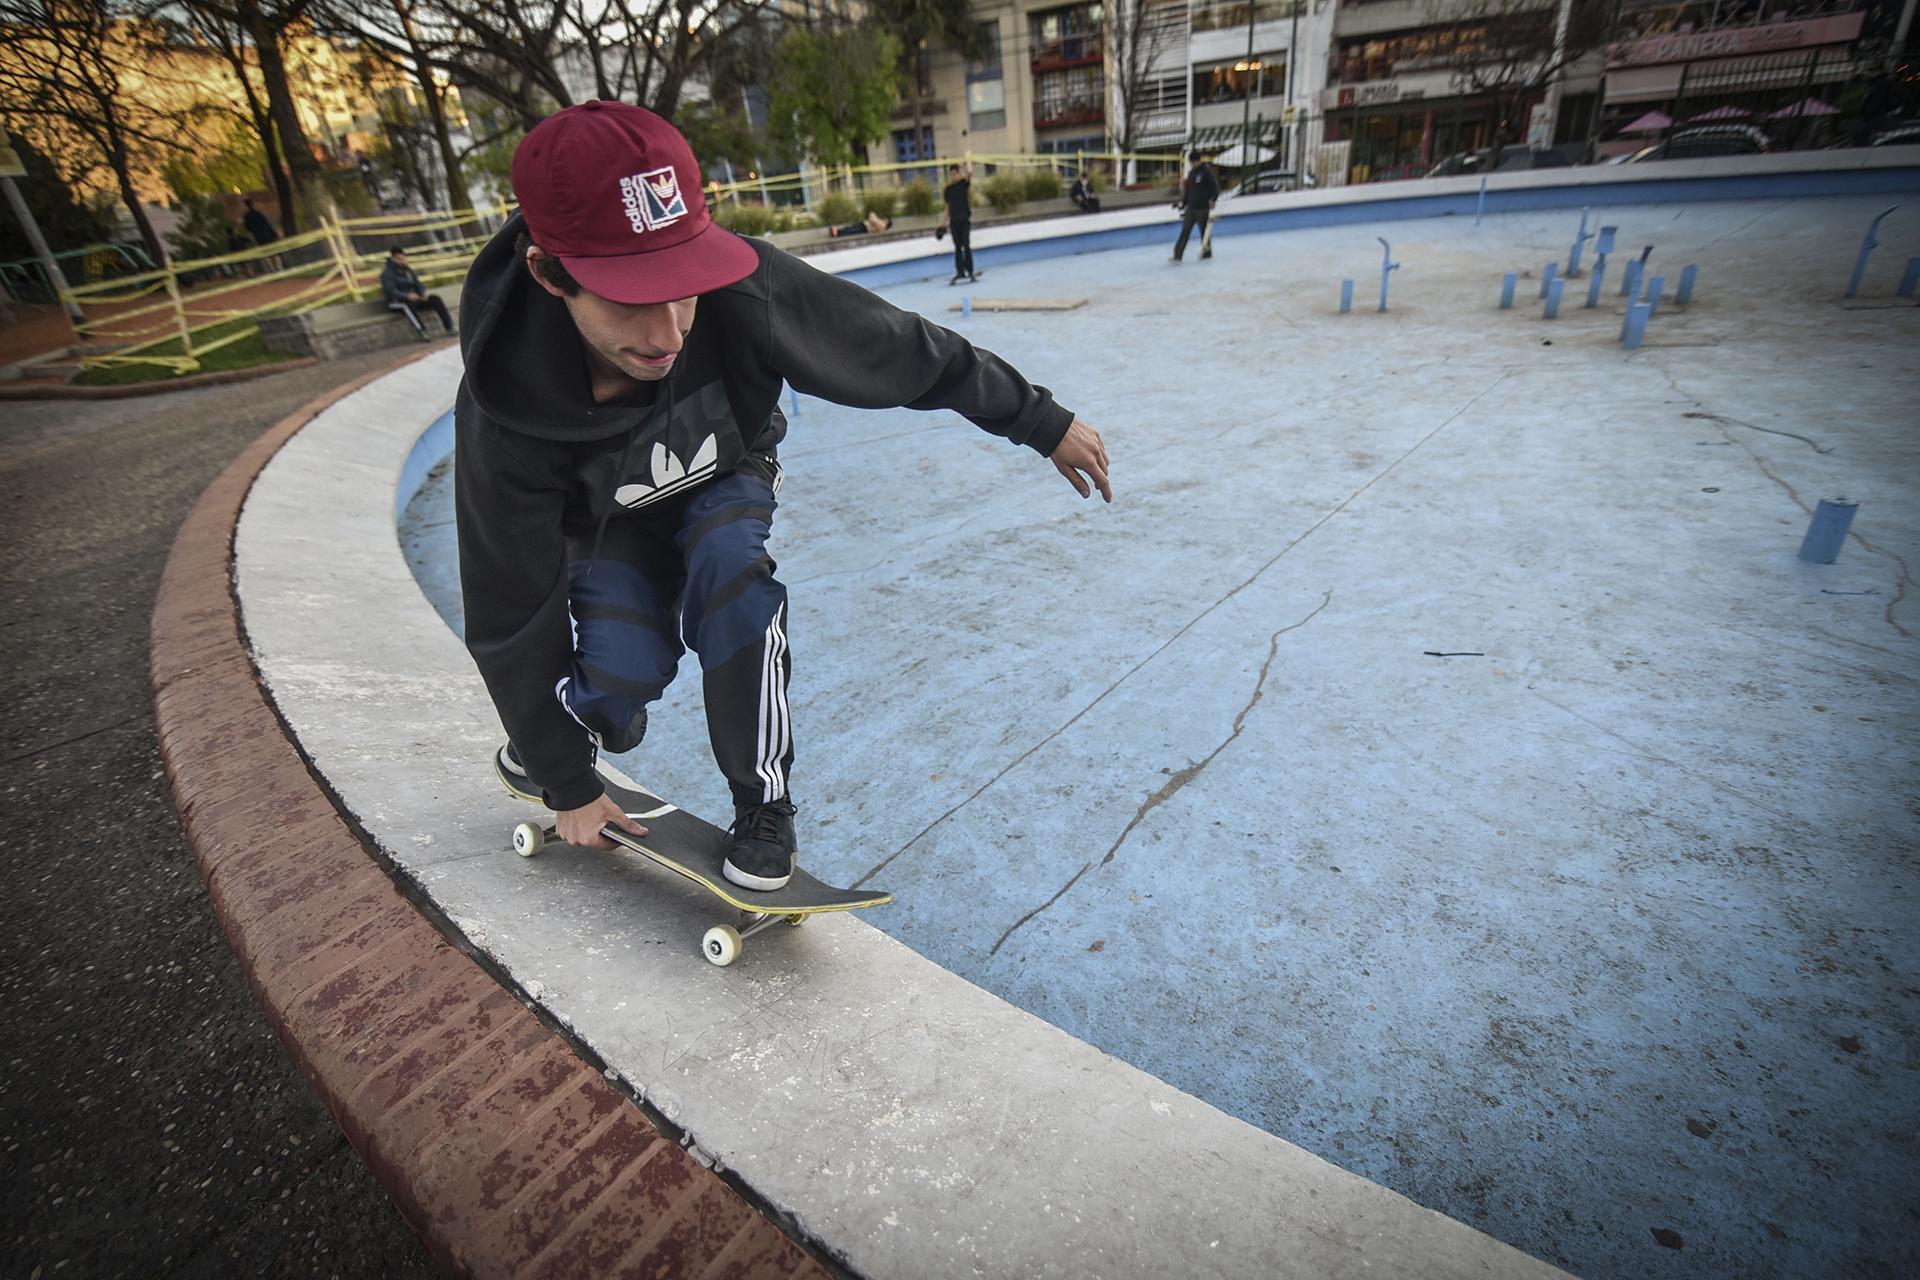 En la Plaza Armenia se reúnen los skaters para practicar el deporte